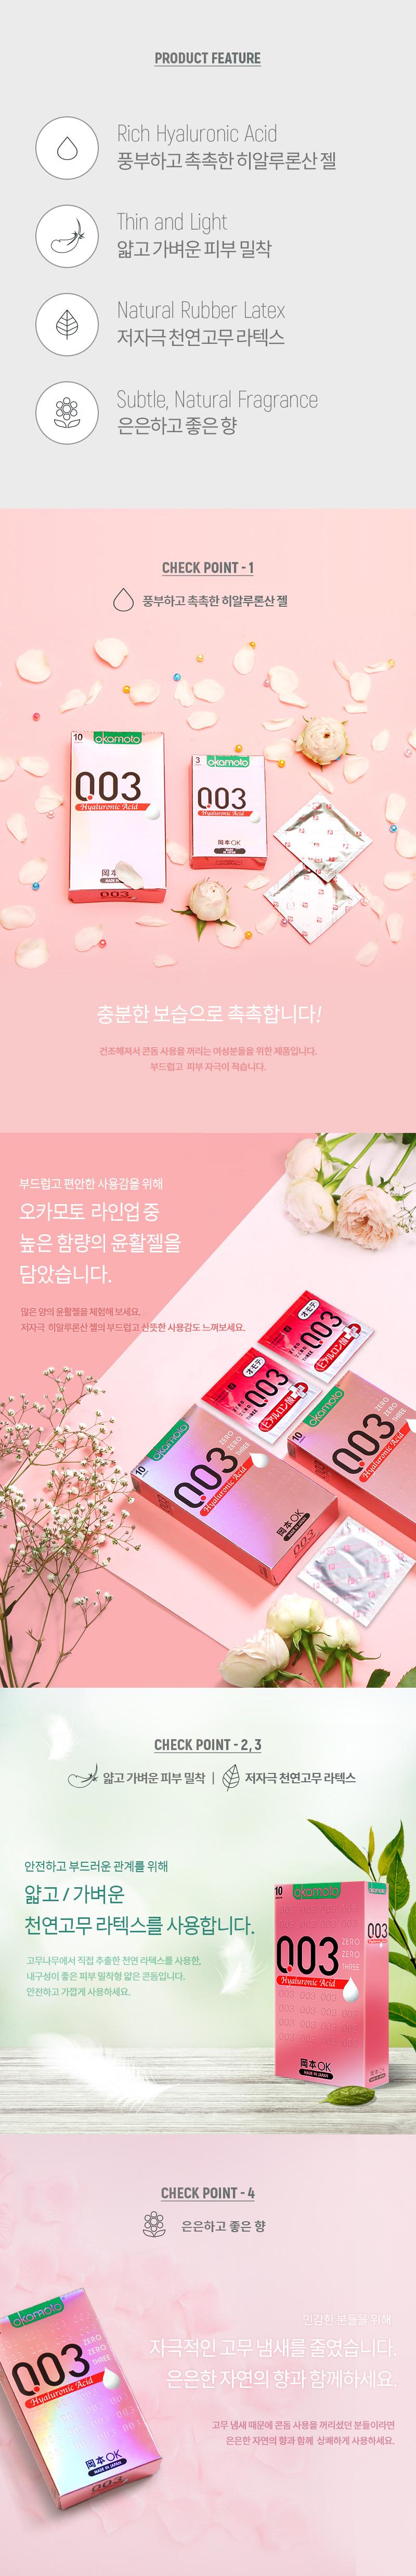 오카모토 003 히알루론산 콘돔 상품 정보